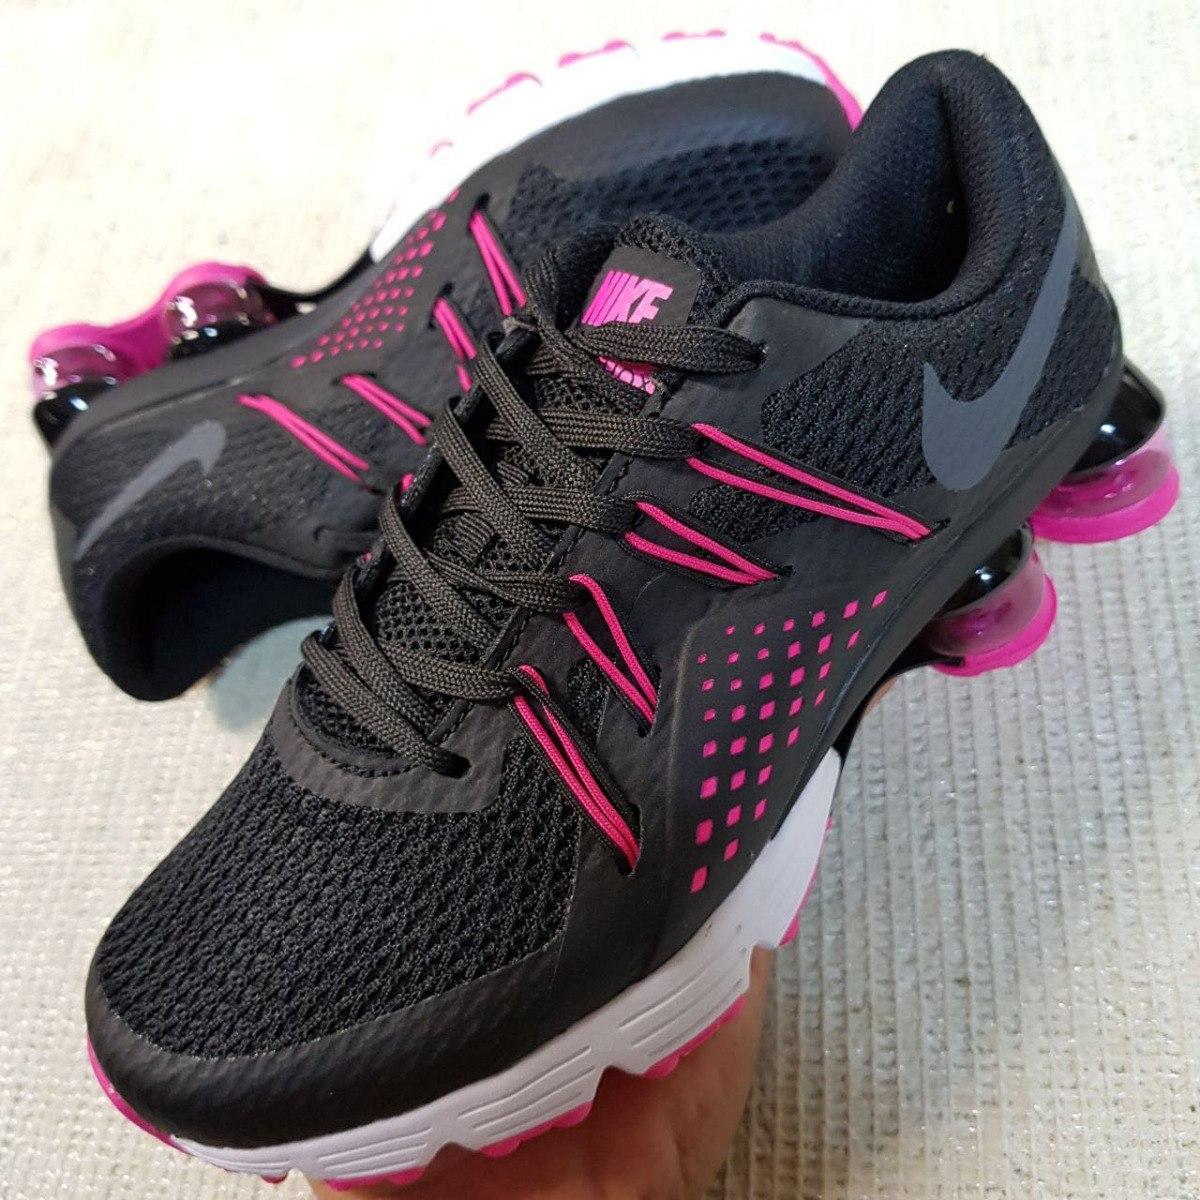 562e4fad38de3 Tenis Nike Shox 2018 Para Mujer - Envio Gratis -   159.900 en ...